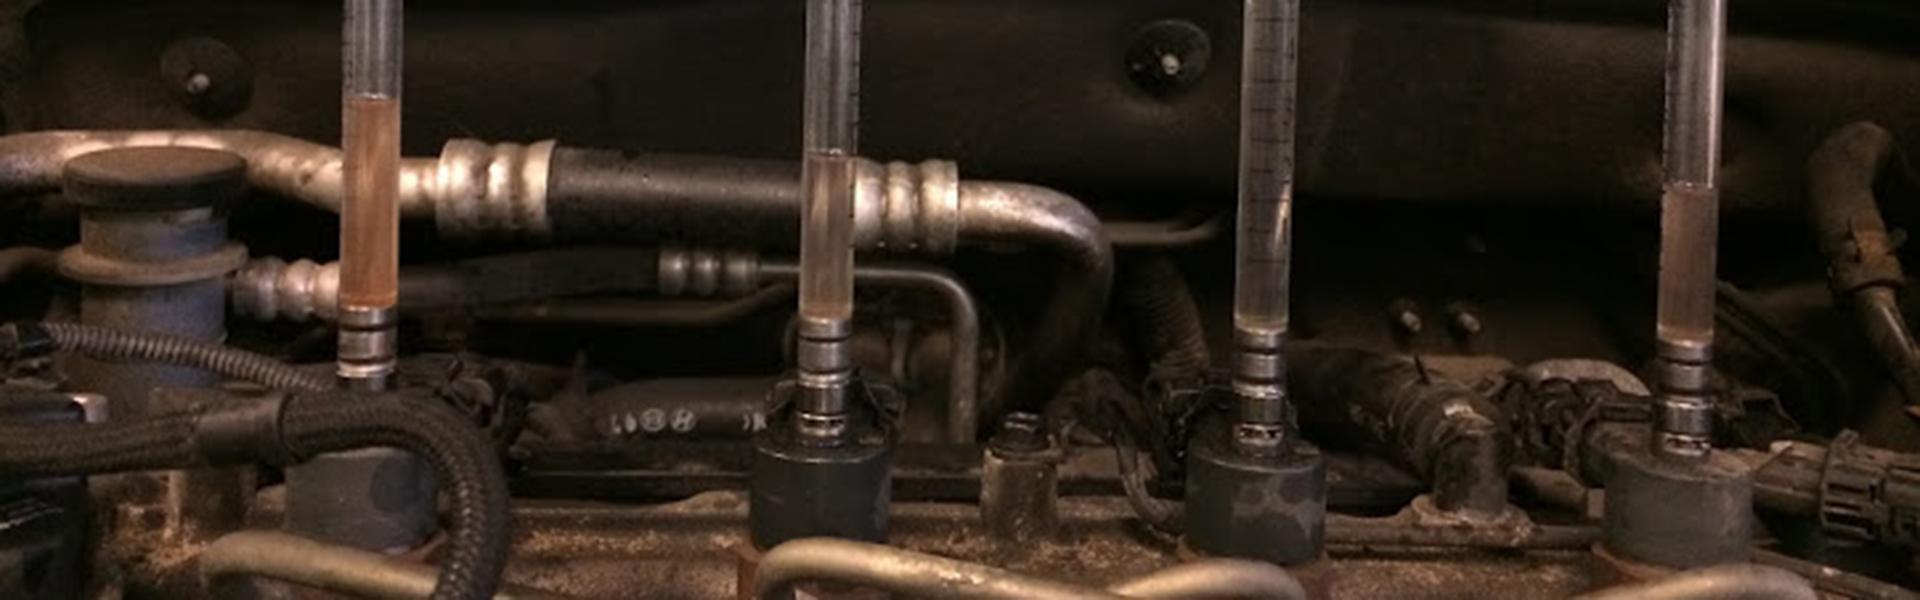 diesel-services